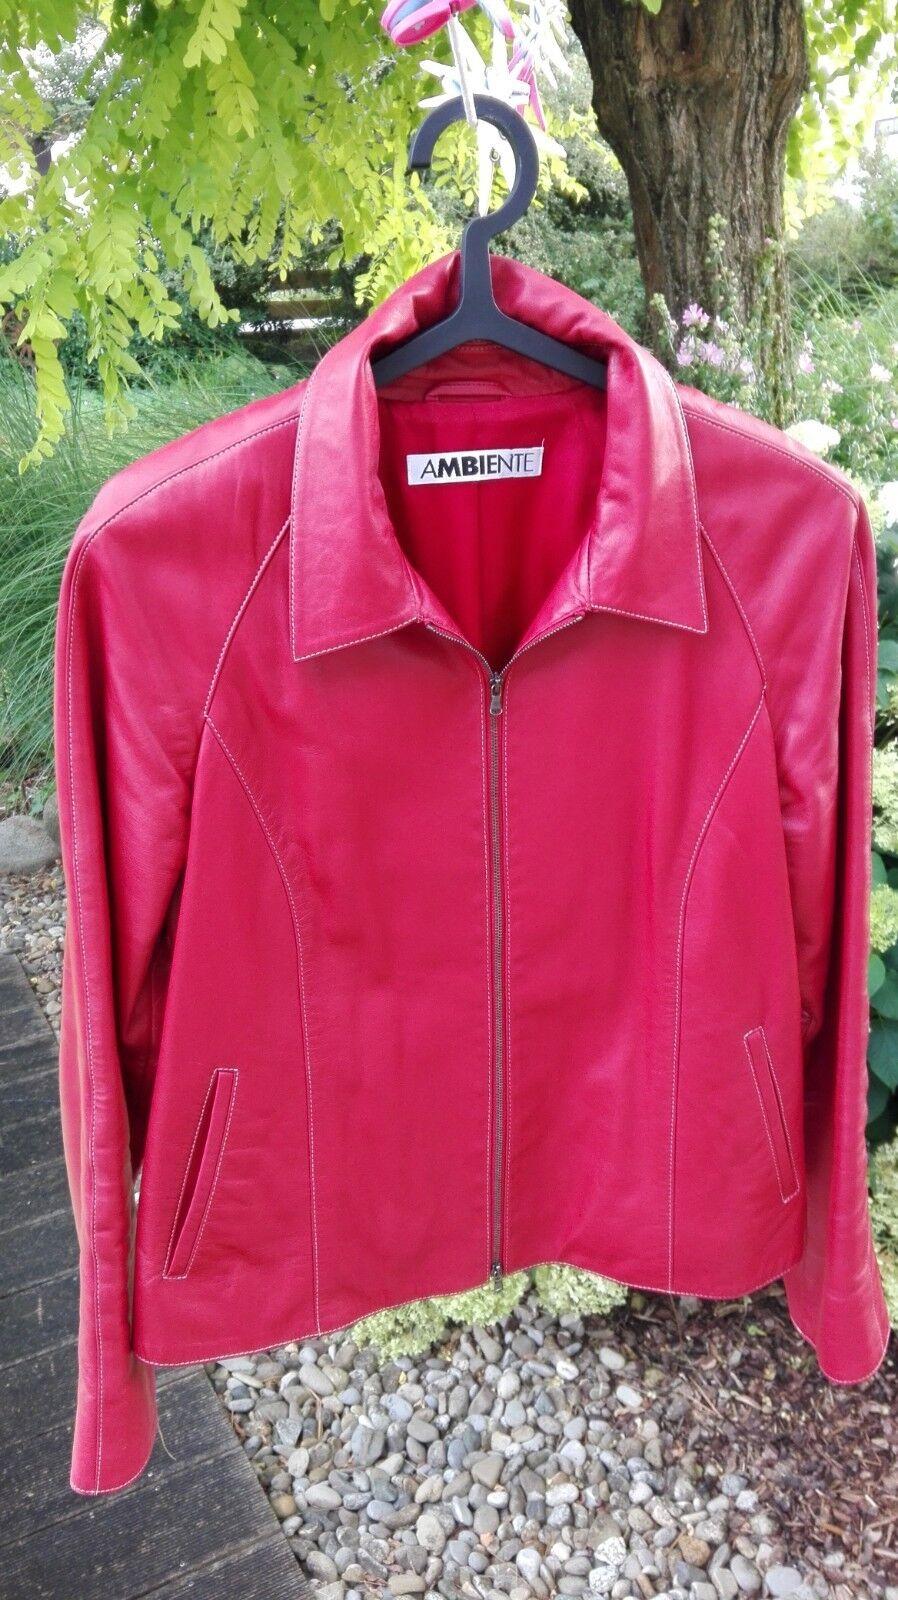 Damen - Lederjacke   Marke Ambiente Größe 42 schönes gedämpftes Rot